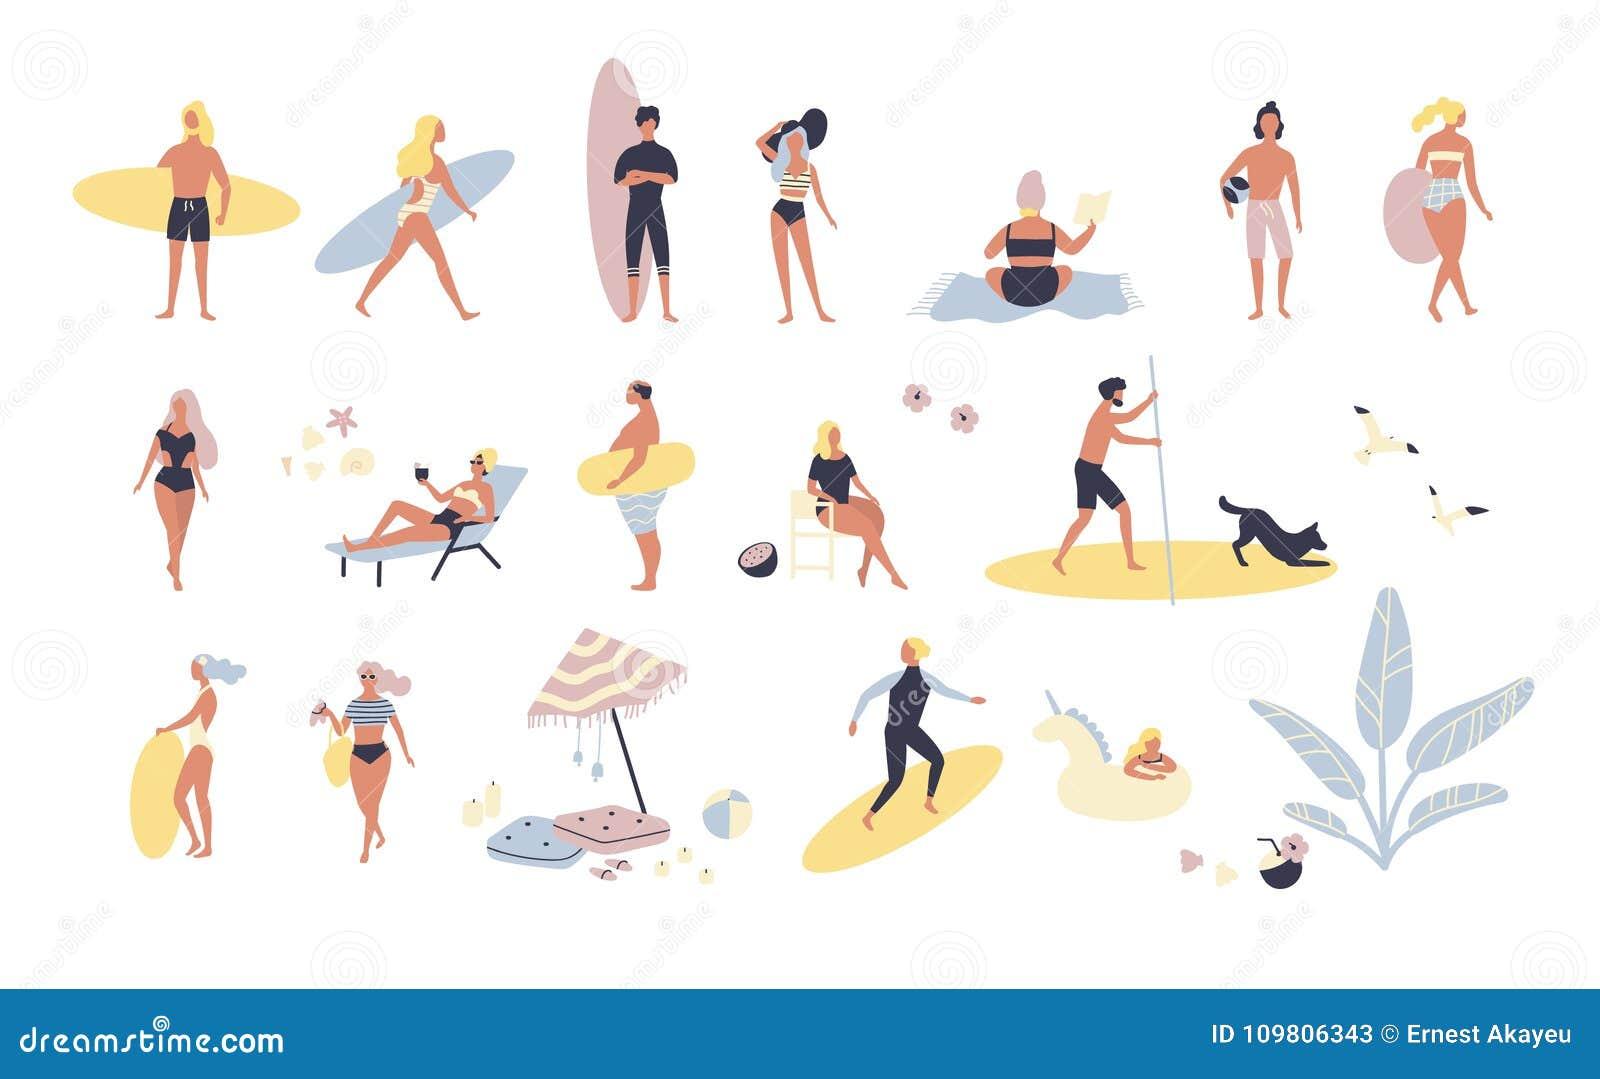 Sammlung Leute, die Tätigkeiten des Sommers im Freien am Strand - ein Sonnenbad nehmend, gehend, tragendes Surfbrett durchführen